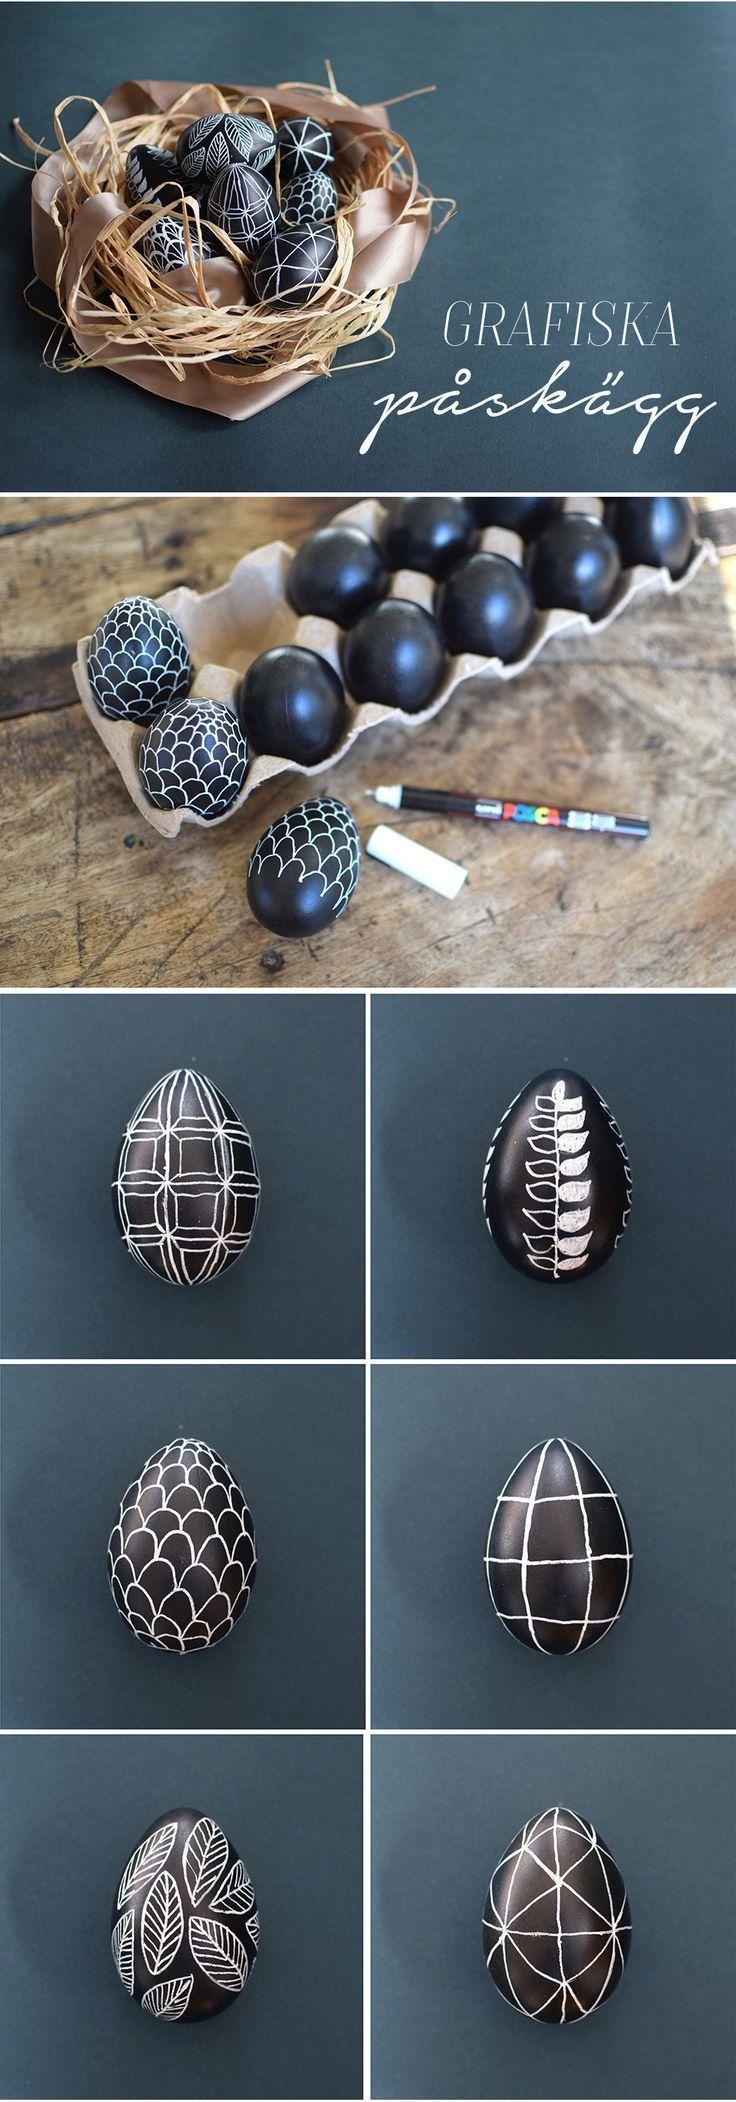 Zeichnen von Ostern, Ostereier. Eastercrafts, zeichne grafische Muster auf Eastereggs, Easter diy @helenalyth #easter